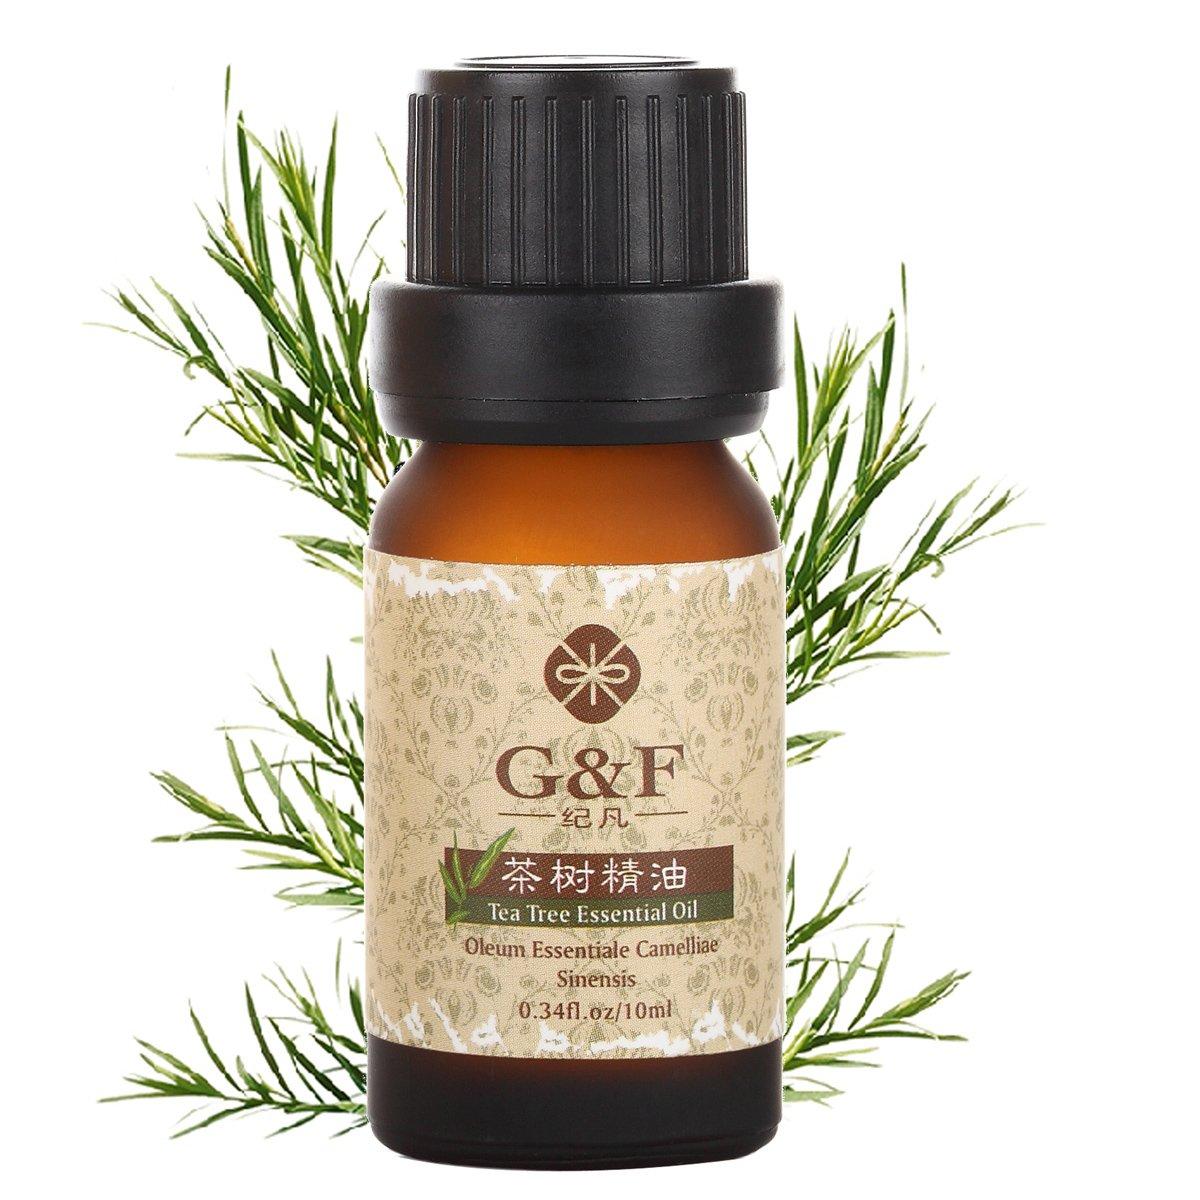 g&f 纪凡 澳洲茶树单方精油 10毫升